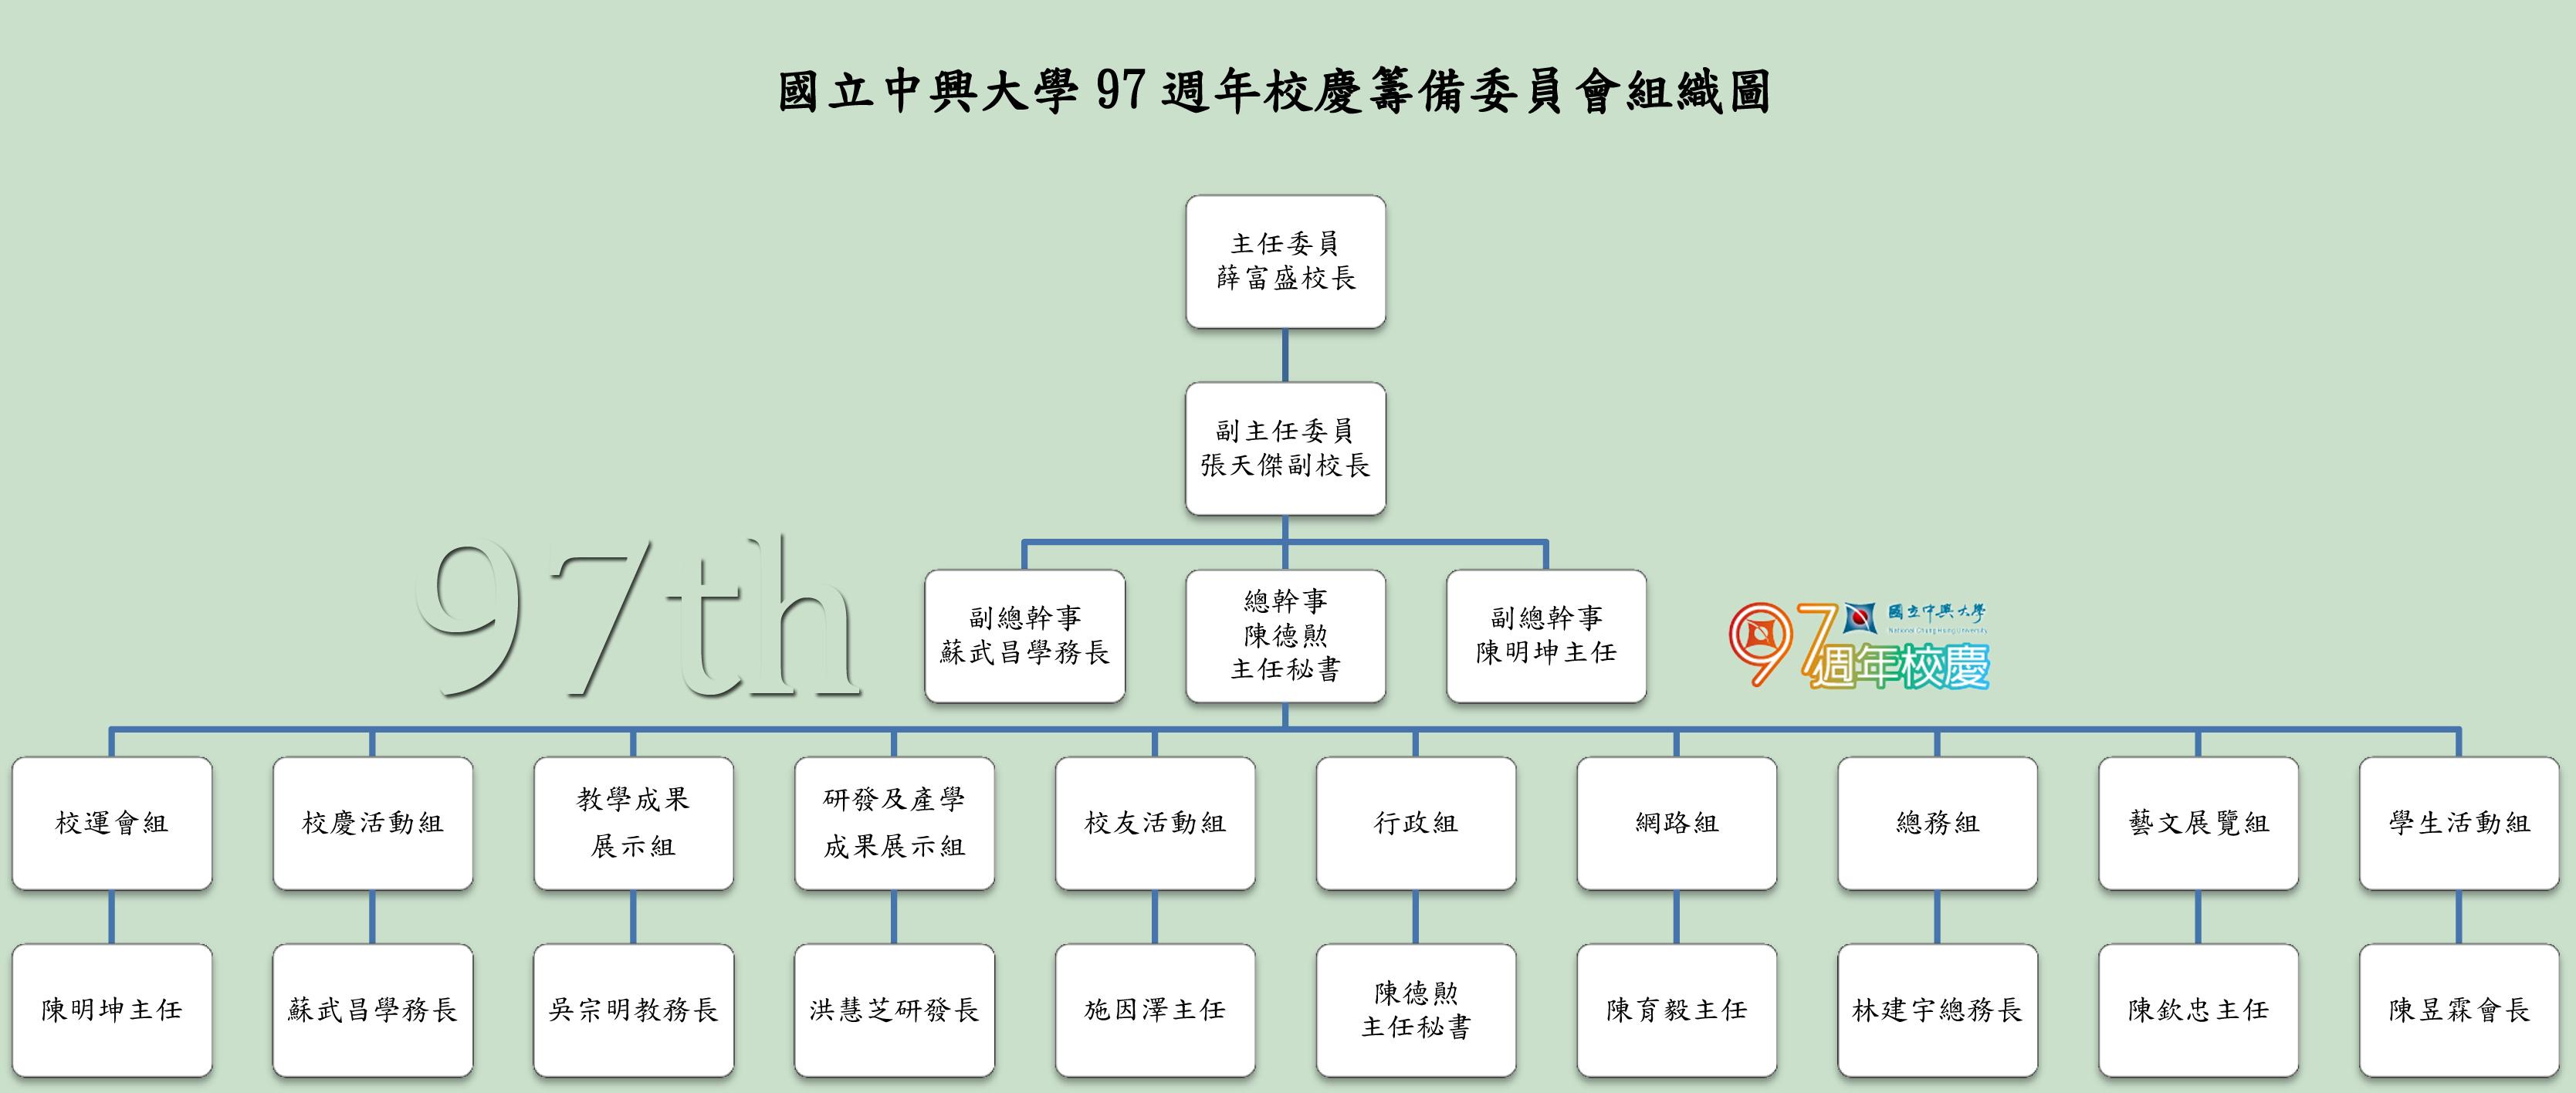 籌備委員會_組織圖